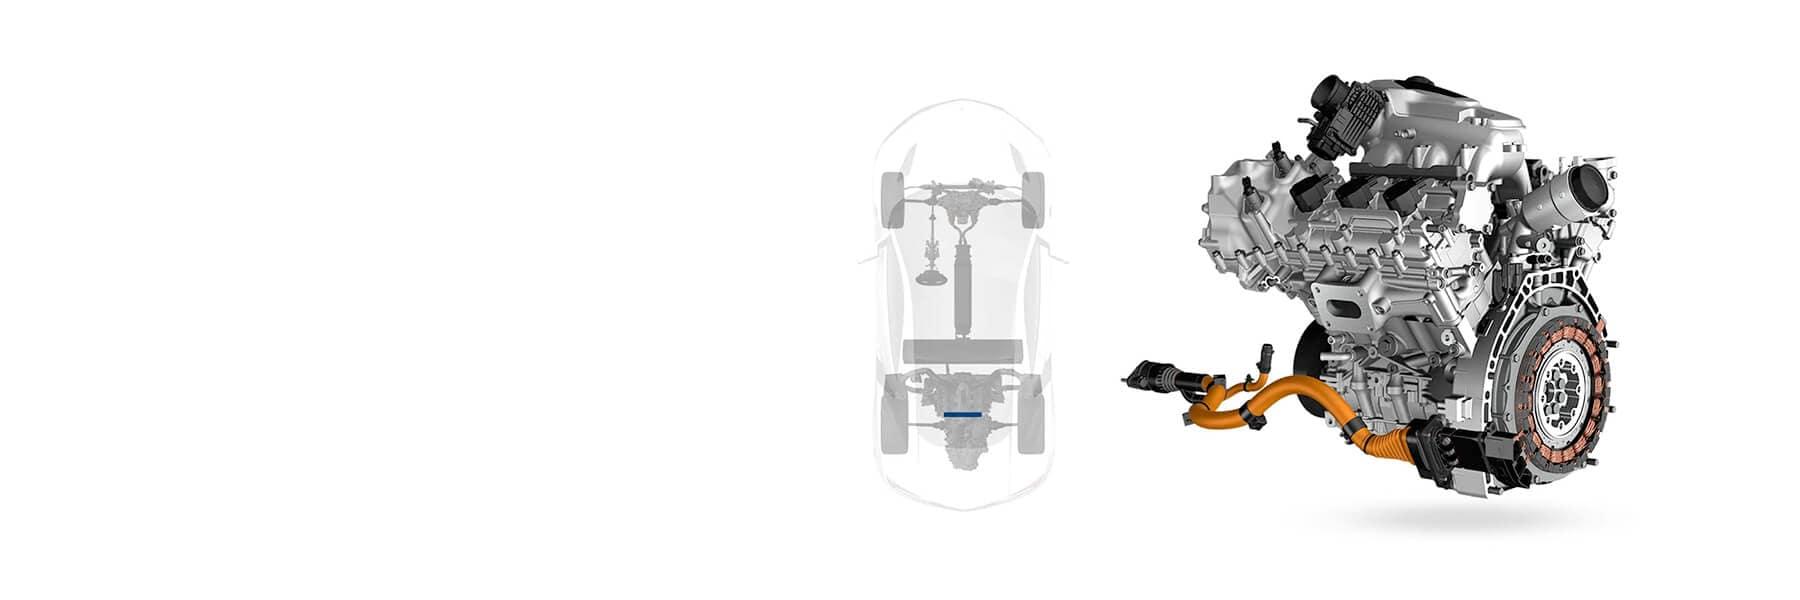 Acura Sport Hybrid Direct Drive Motor Slider